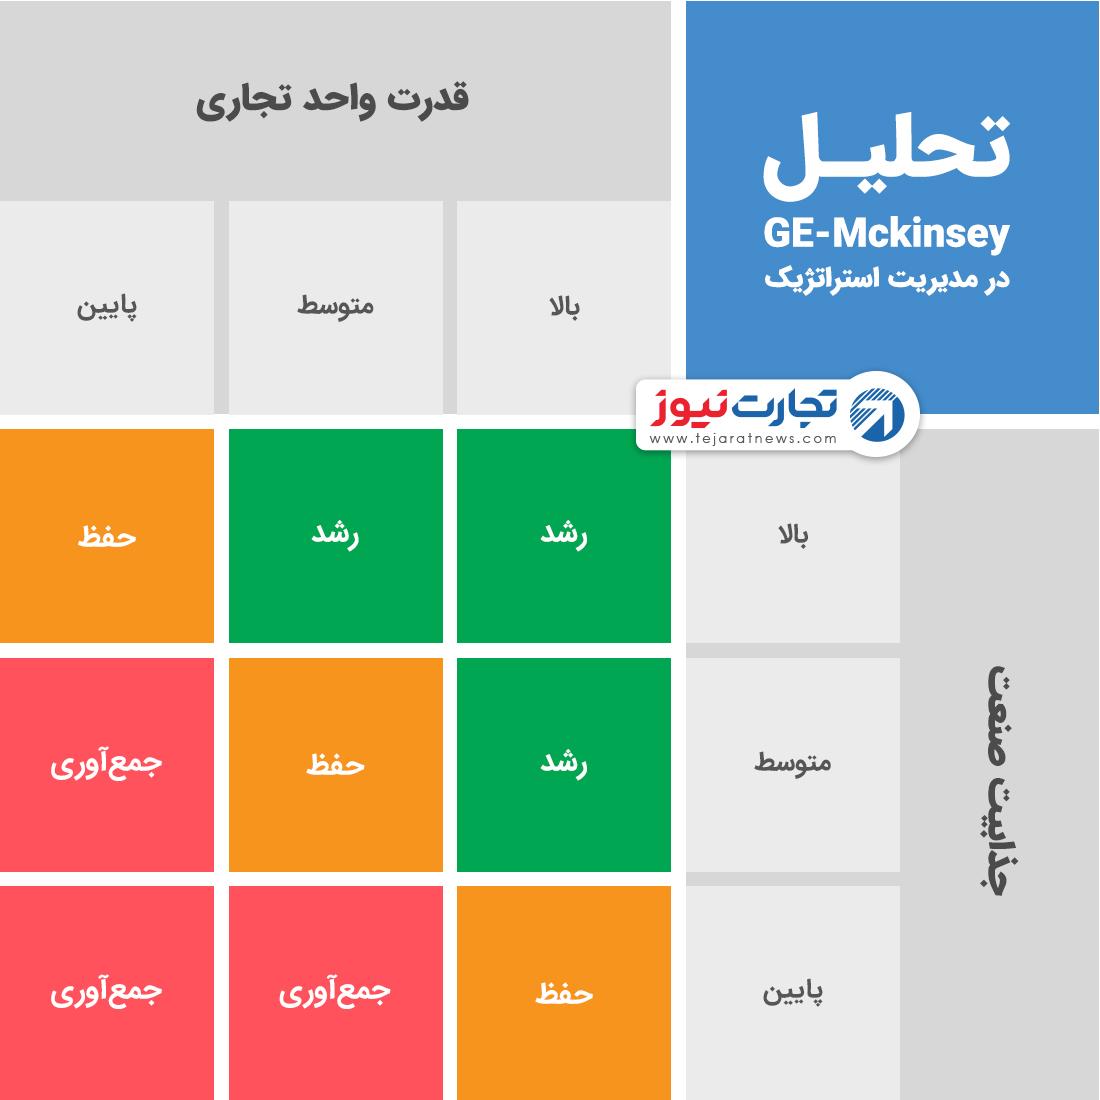 مدل تحلیل GE-Mckinsey سرمایهگذاری